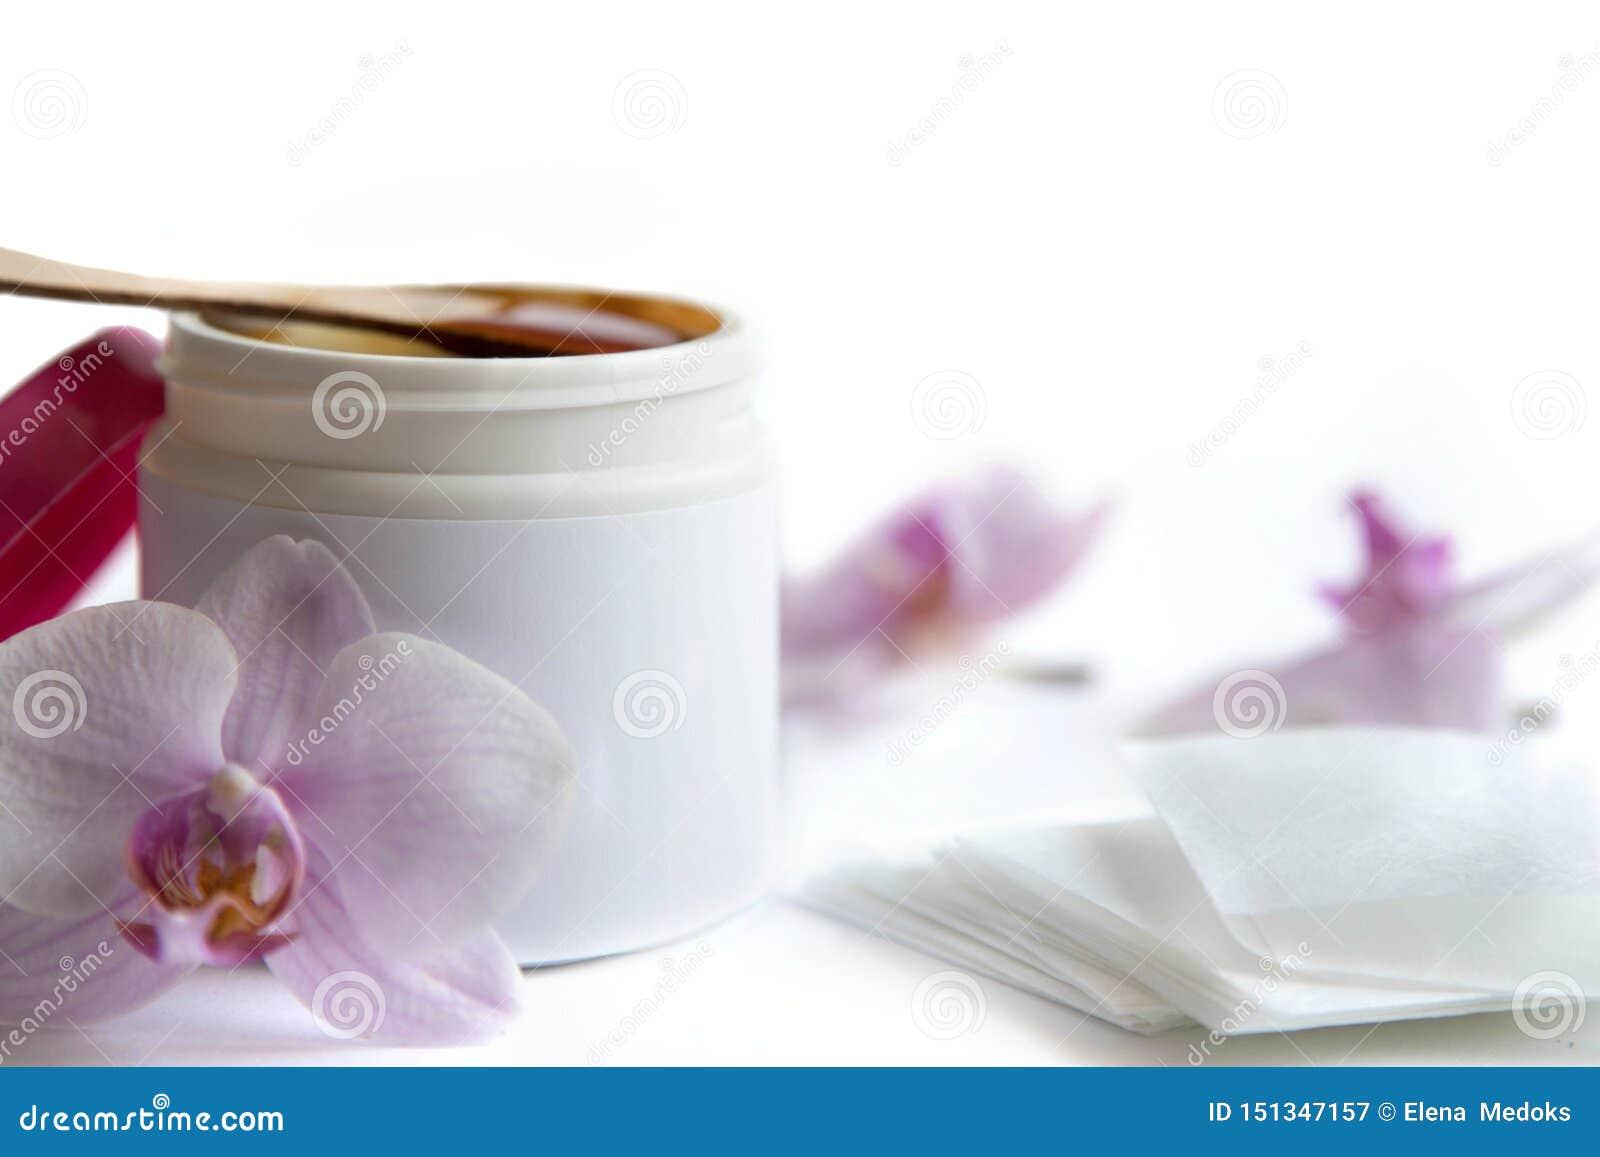 去壳和秀丽的概念是糖酱或头发在一个白色塑料瓶子的撤除蜡有在熔化的一把木蜡小铲的